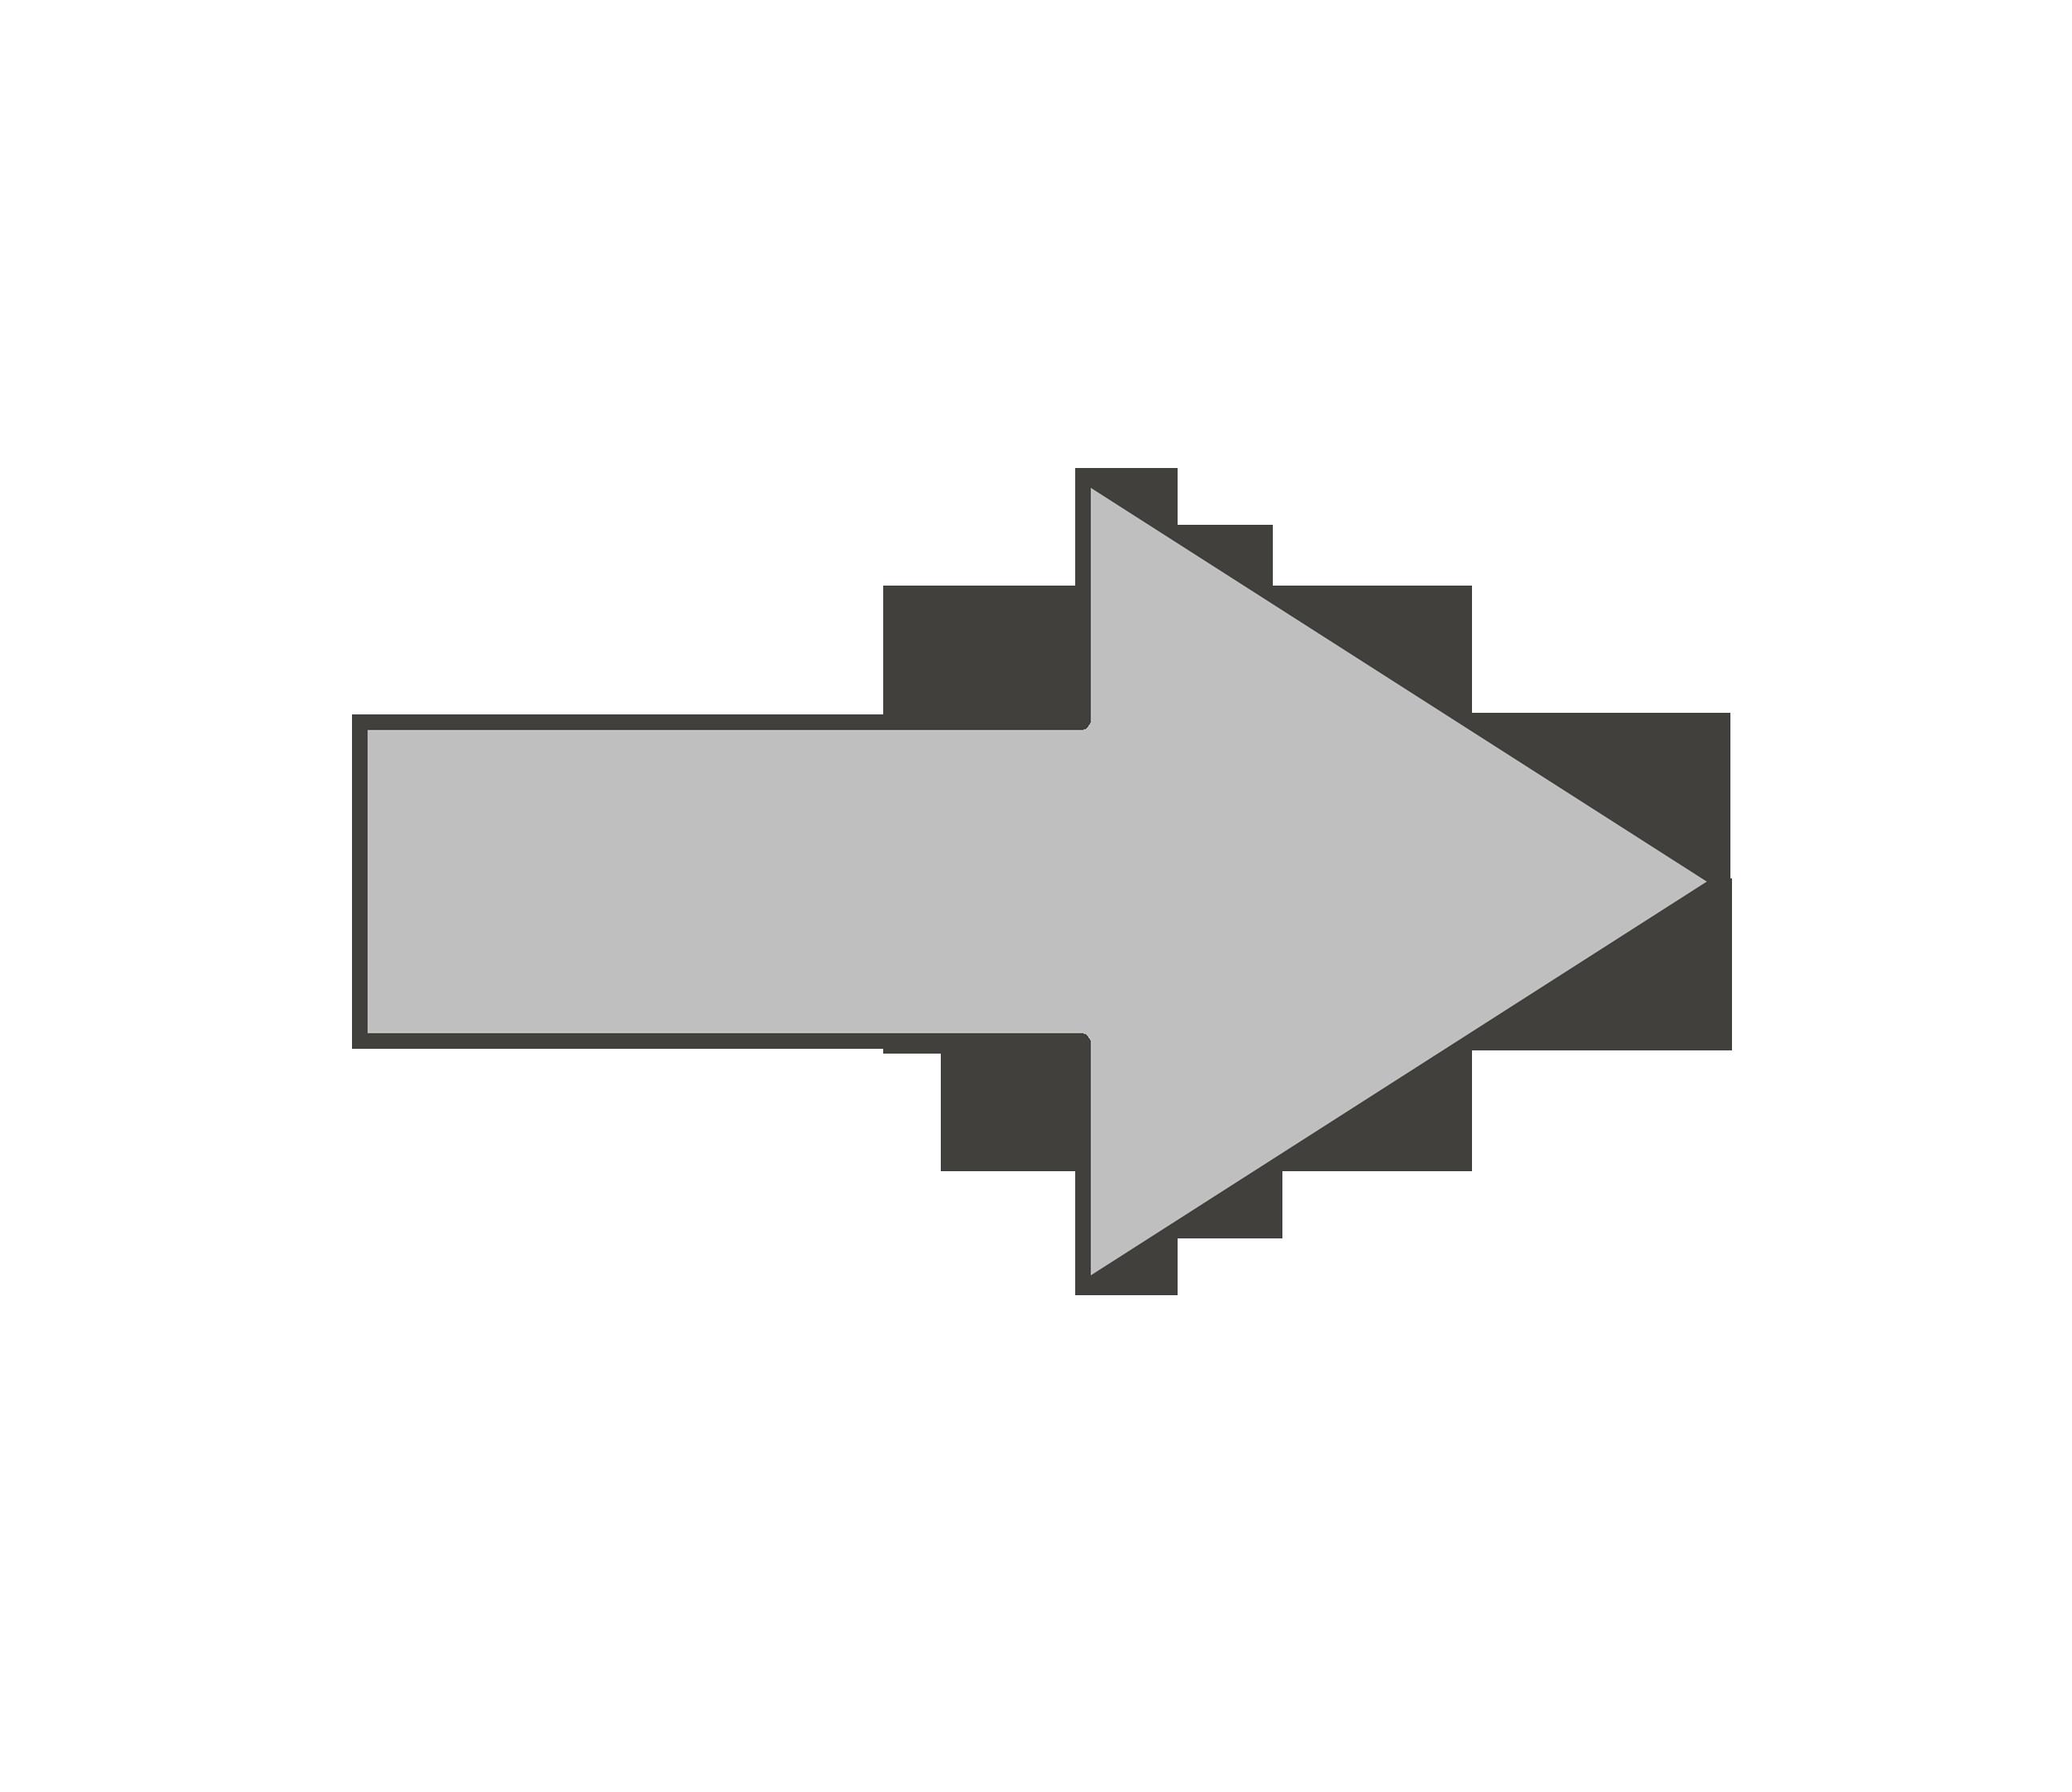 矢印のイラスト(右)